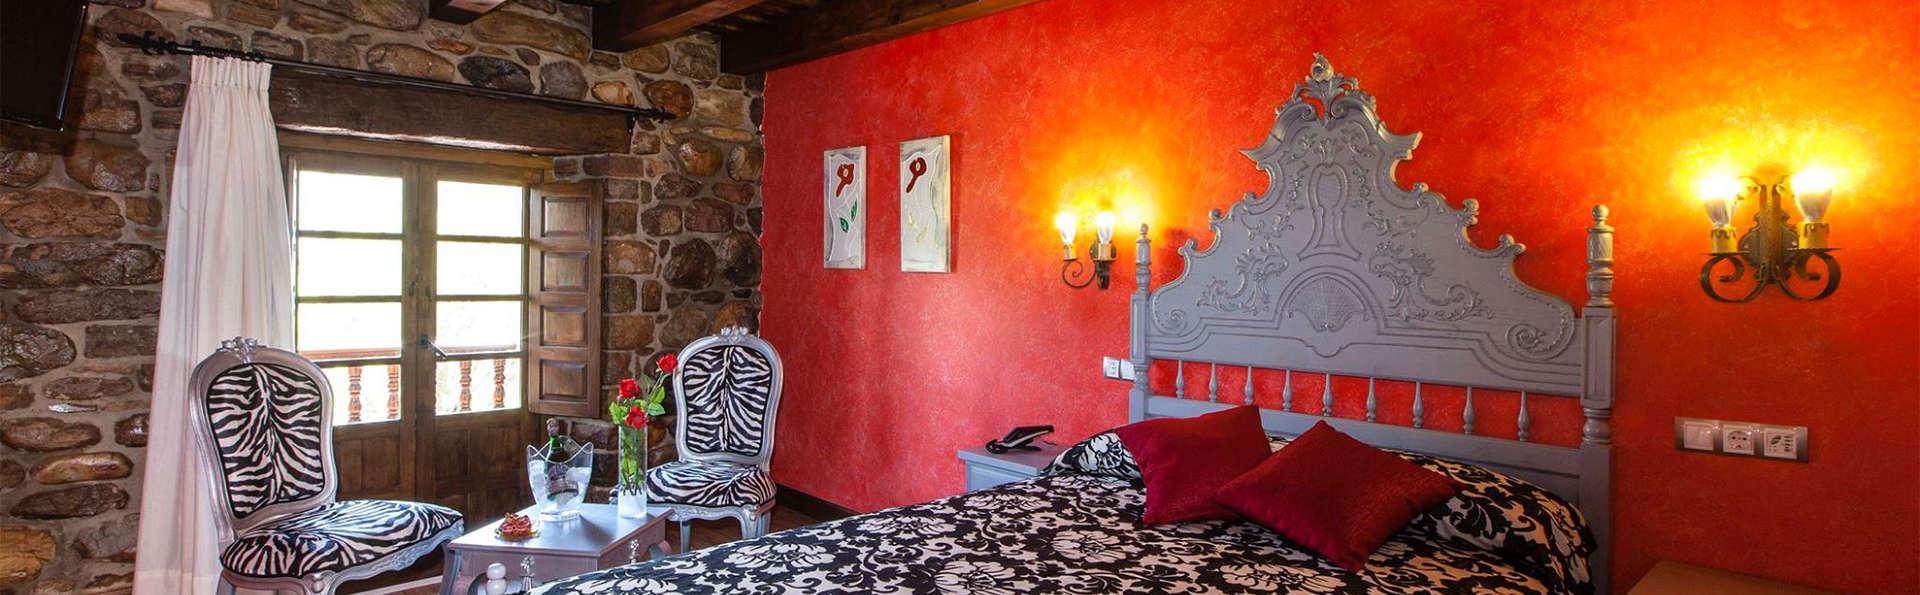 Escapada Relax con bañera de hidromasaje, Spa privado y Cena romántica (desde 2 noches)